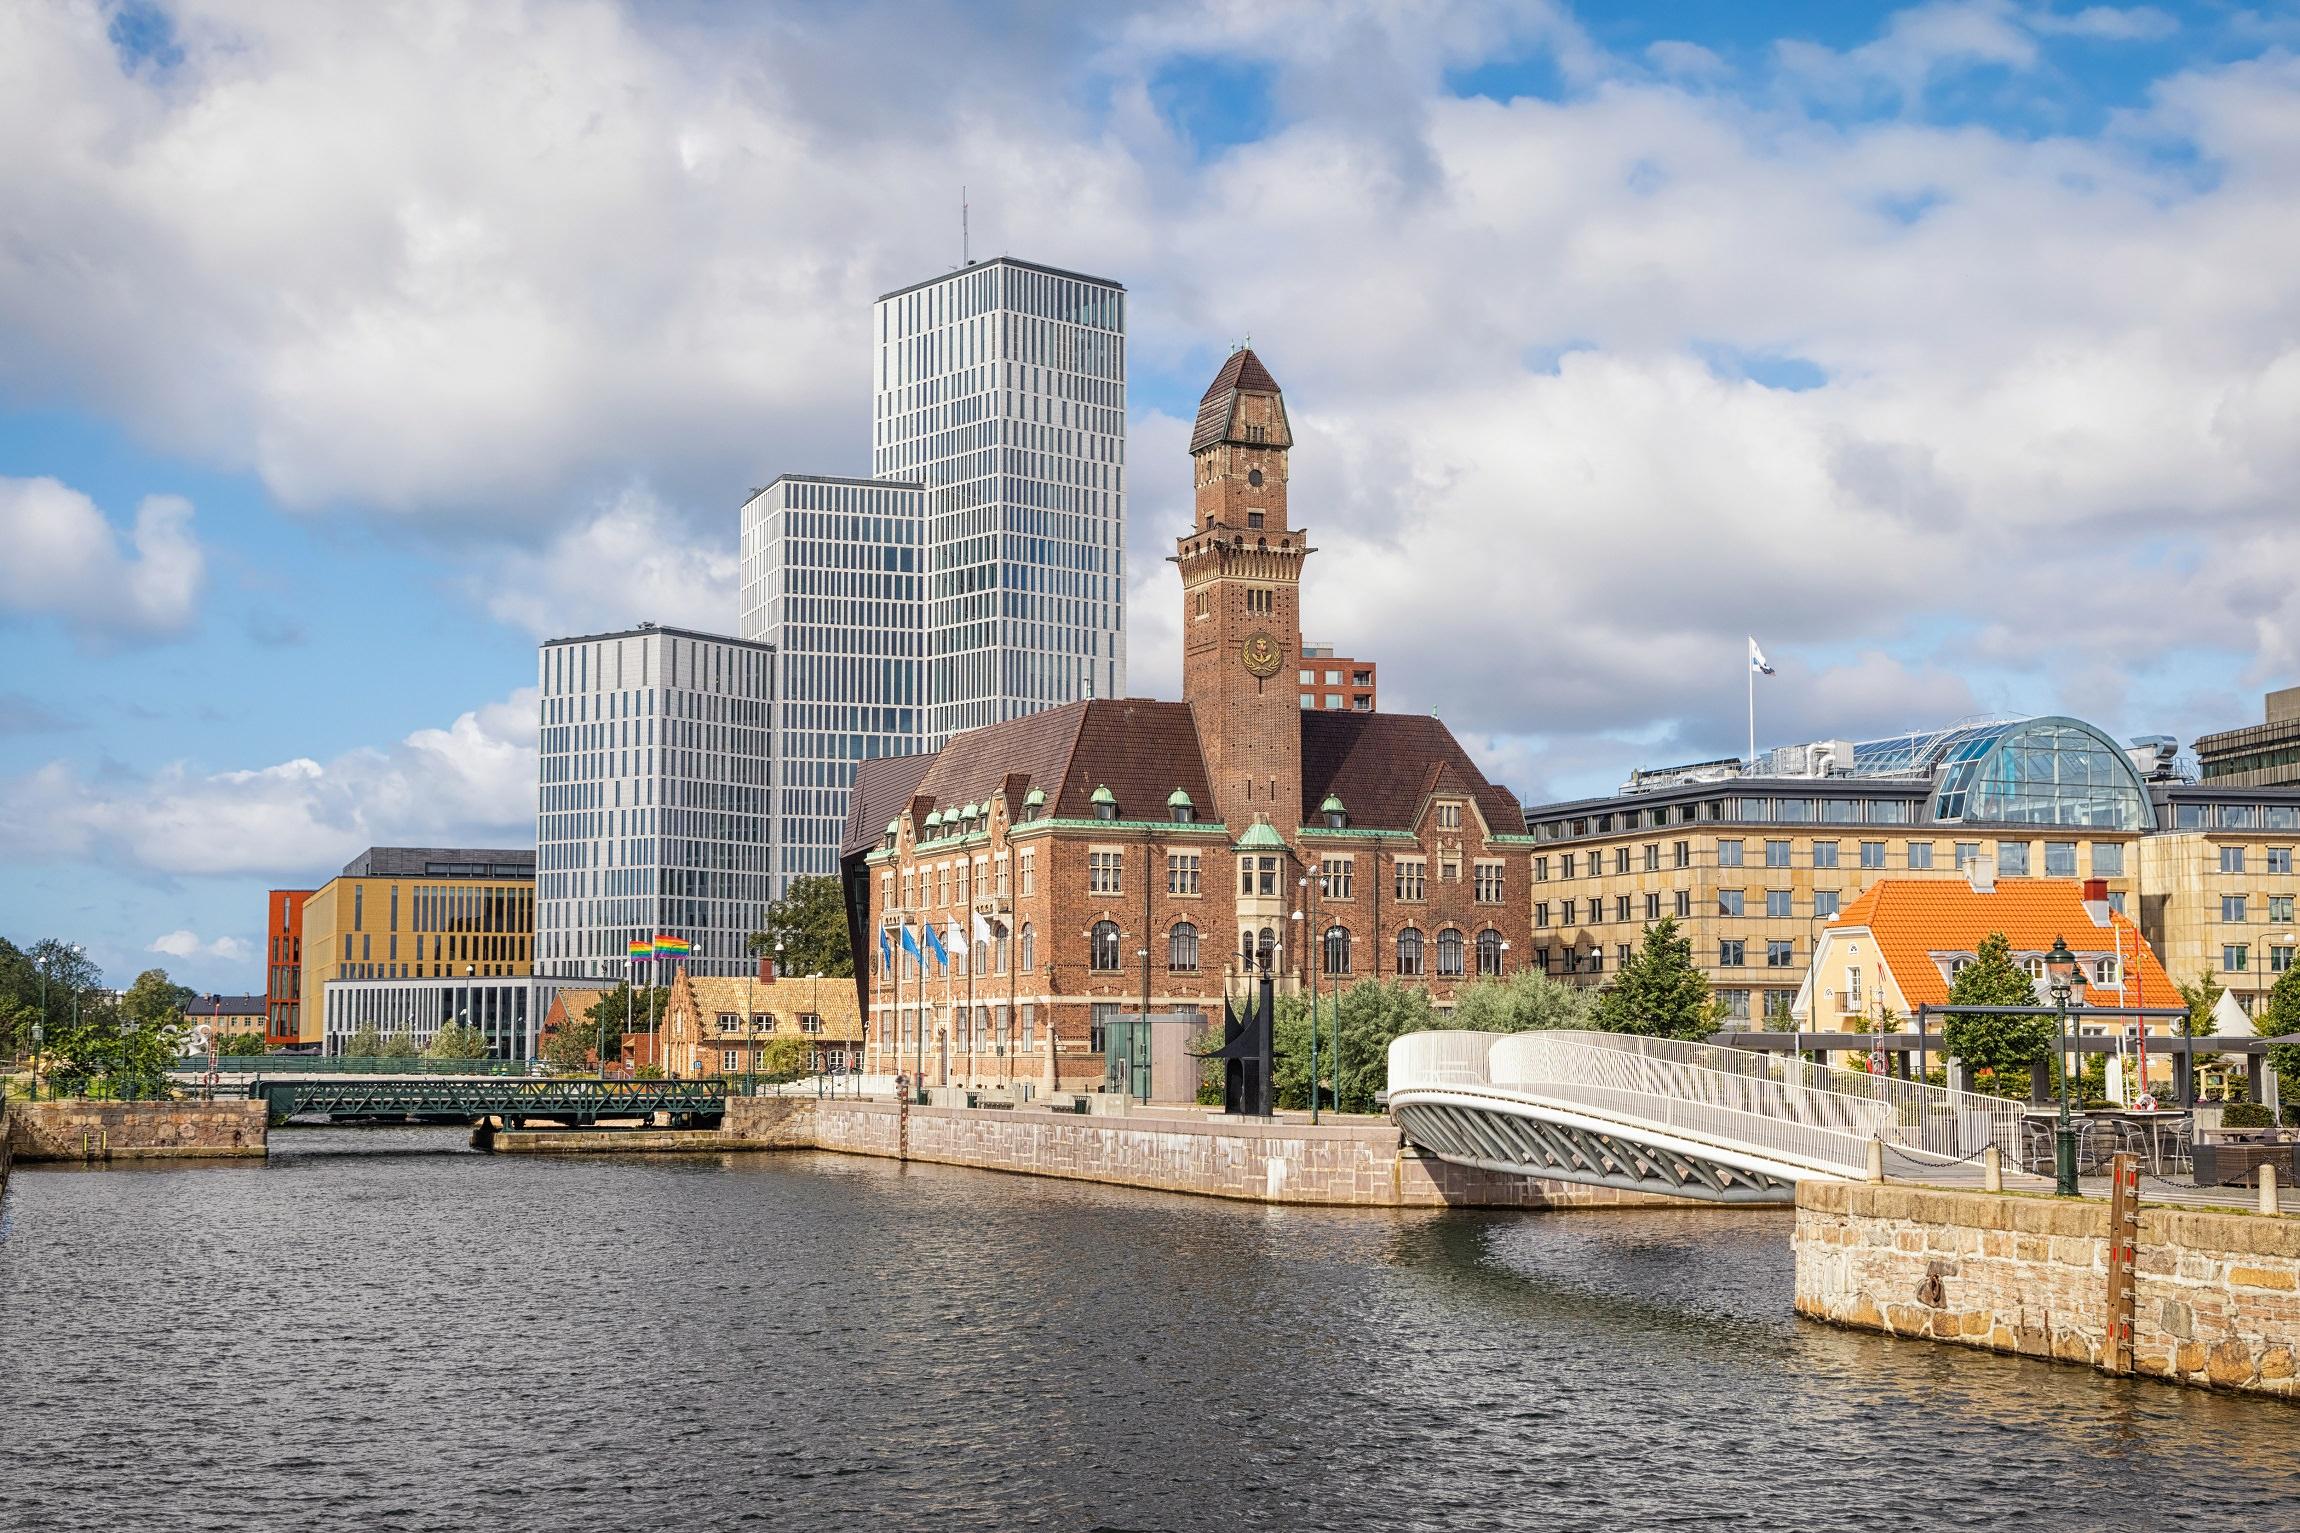 Zviedrija, Trelleborga, Skåne, Turning torso, augstākais tornis Skandināvijā, Malmö, Malme, tilts uz Dāniju, Skandināvija, Zviedrijas Dienvidi